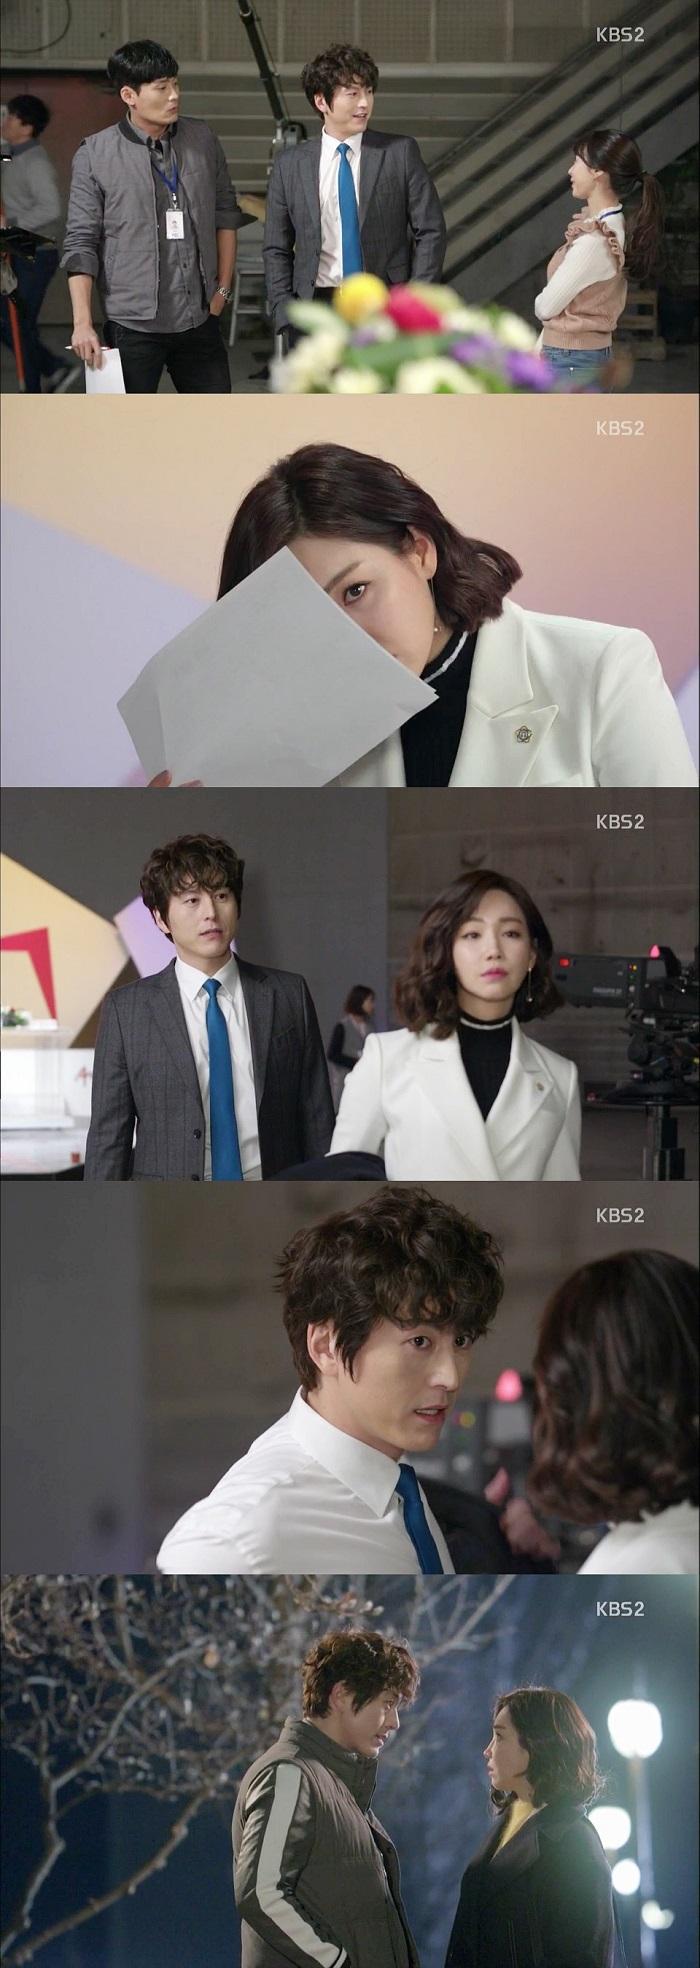 류수영, '차정환'으로 변신해 구남친 매력 뿜뿜!